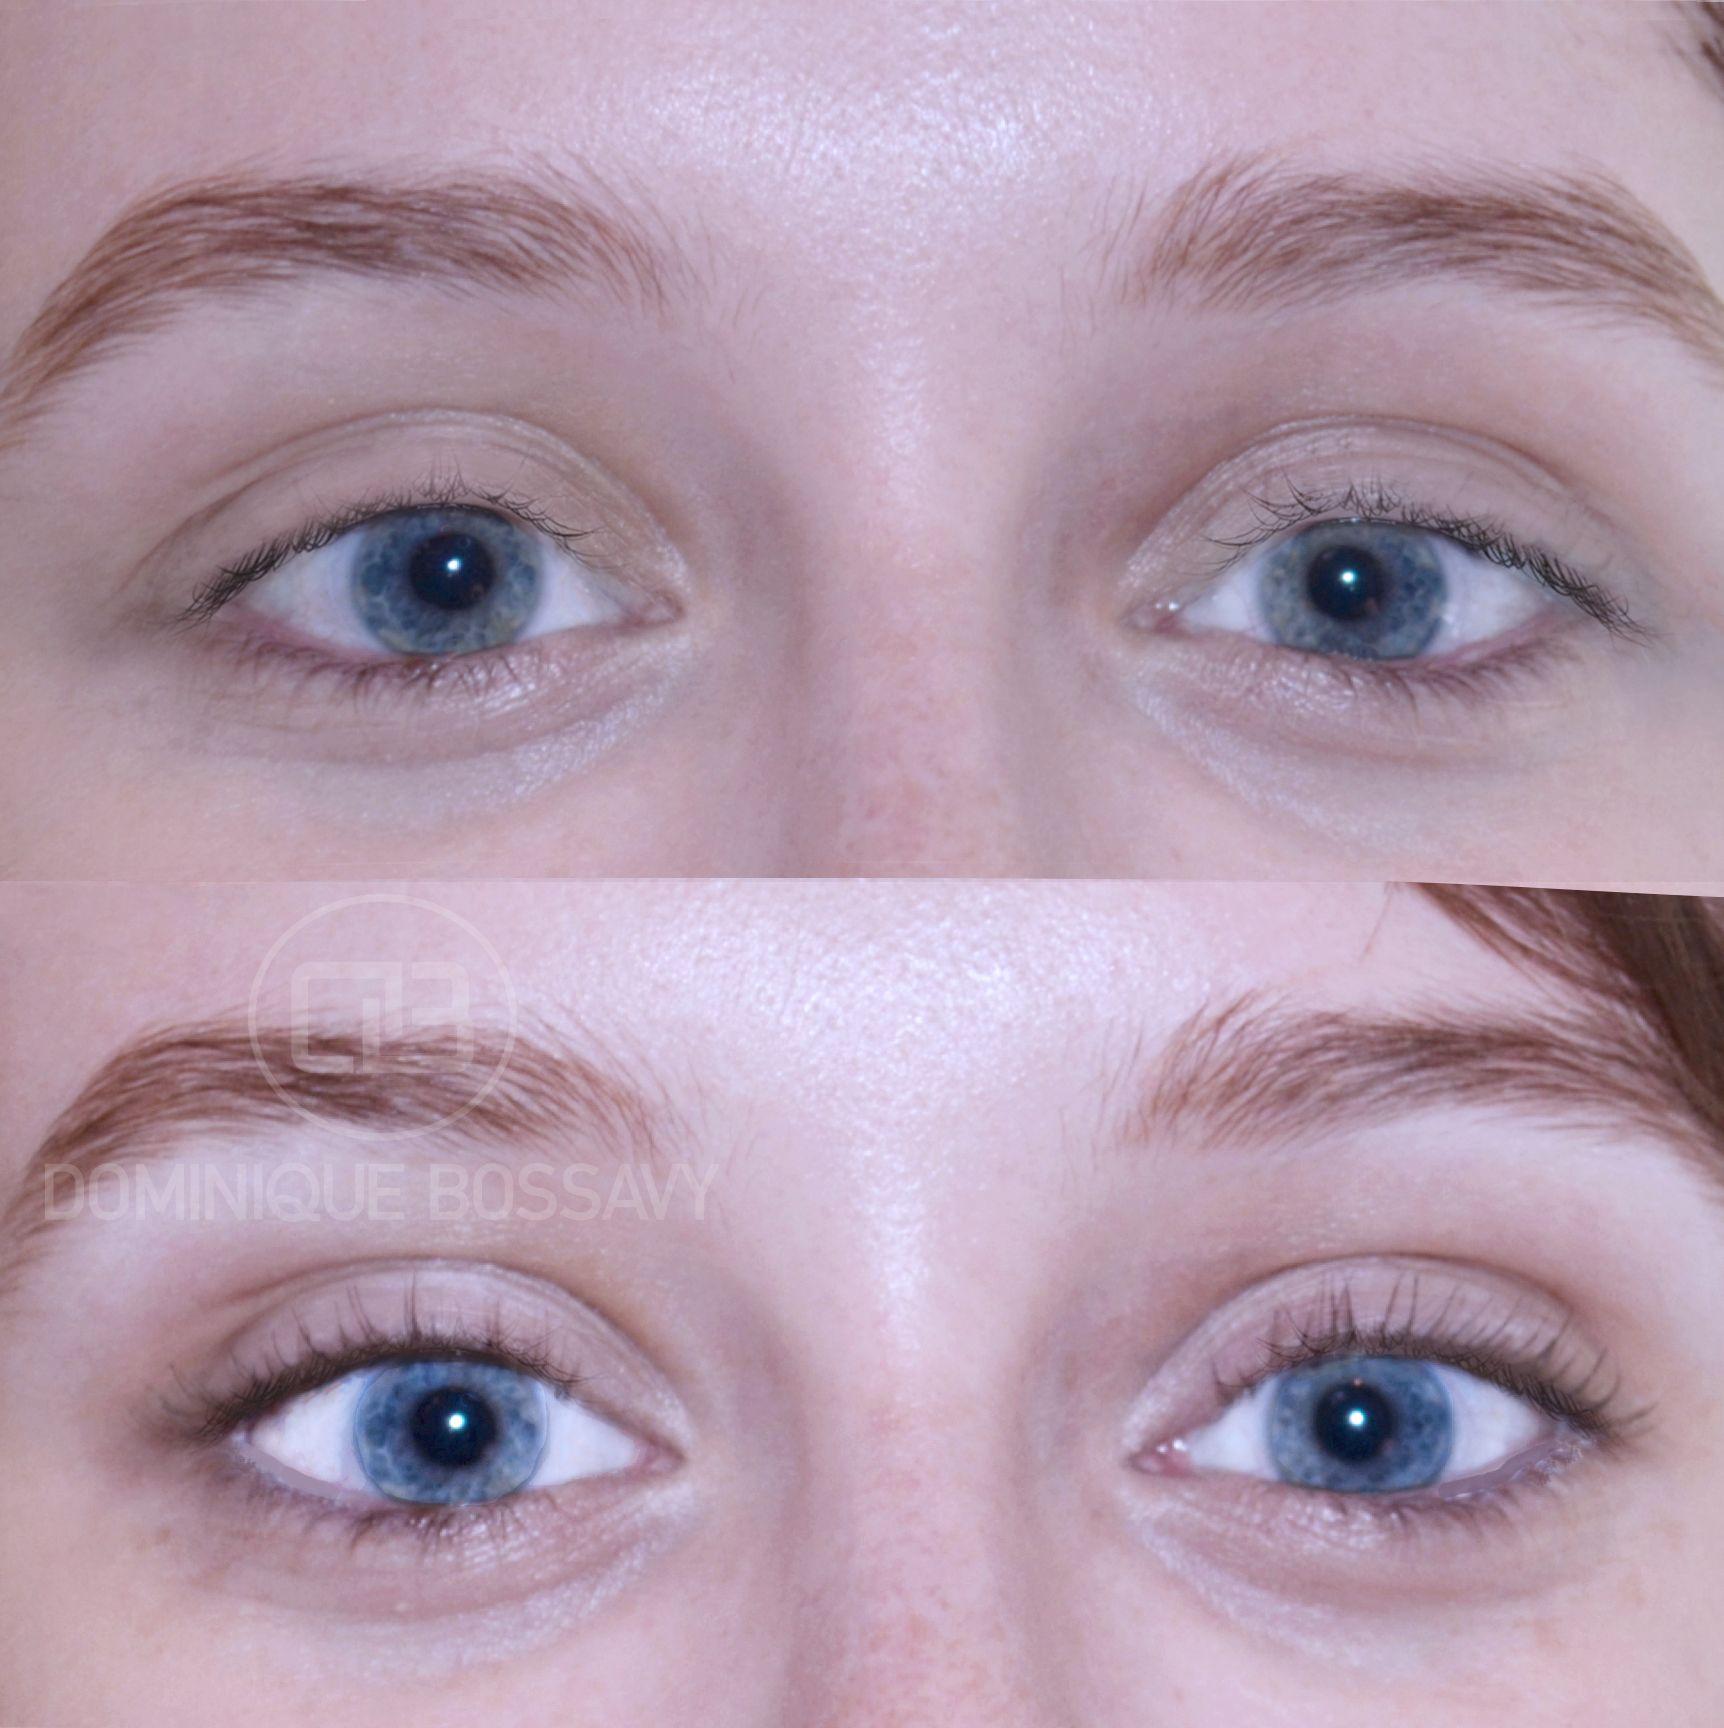 Subtle eyeliner Permanent makeup eyeliner, Perfect